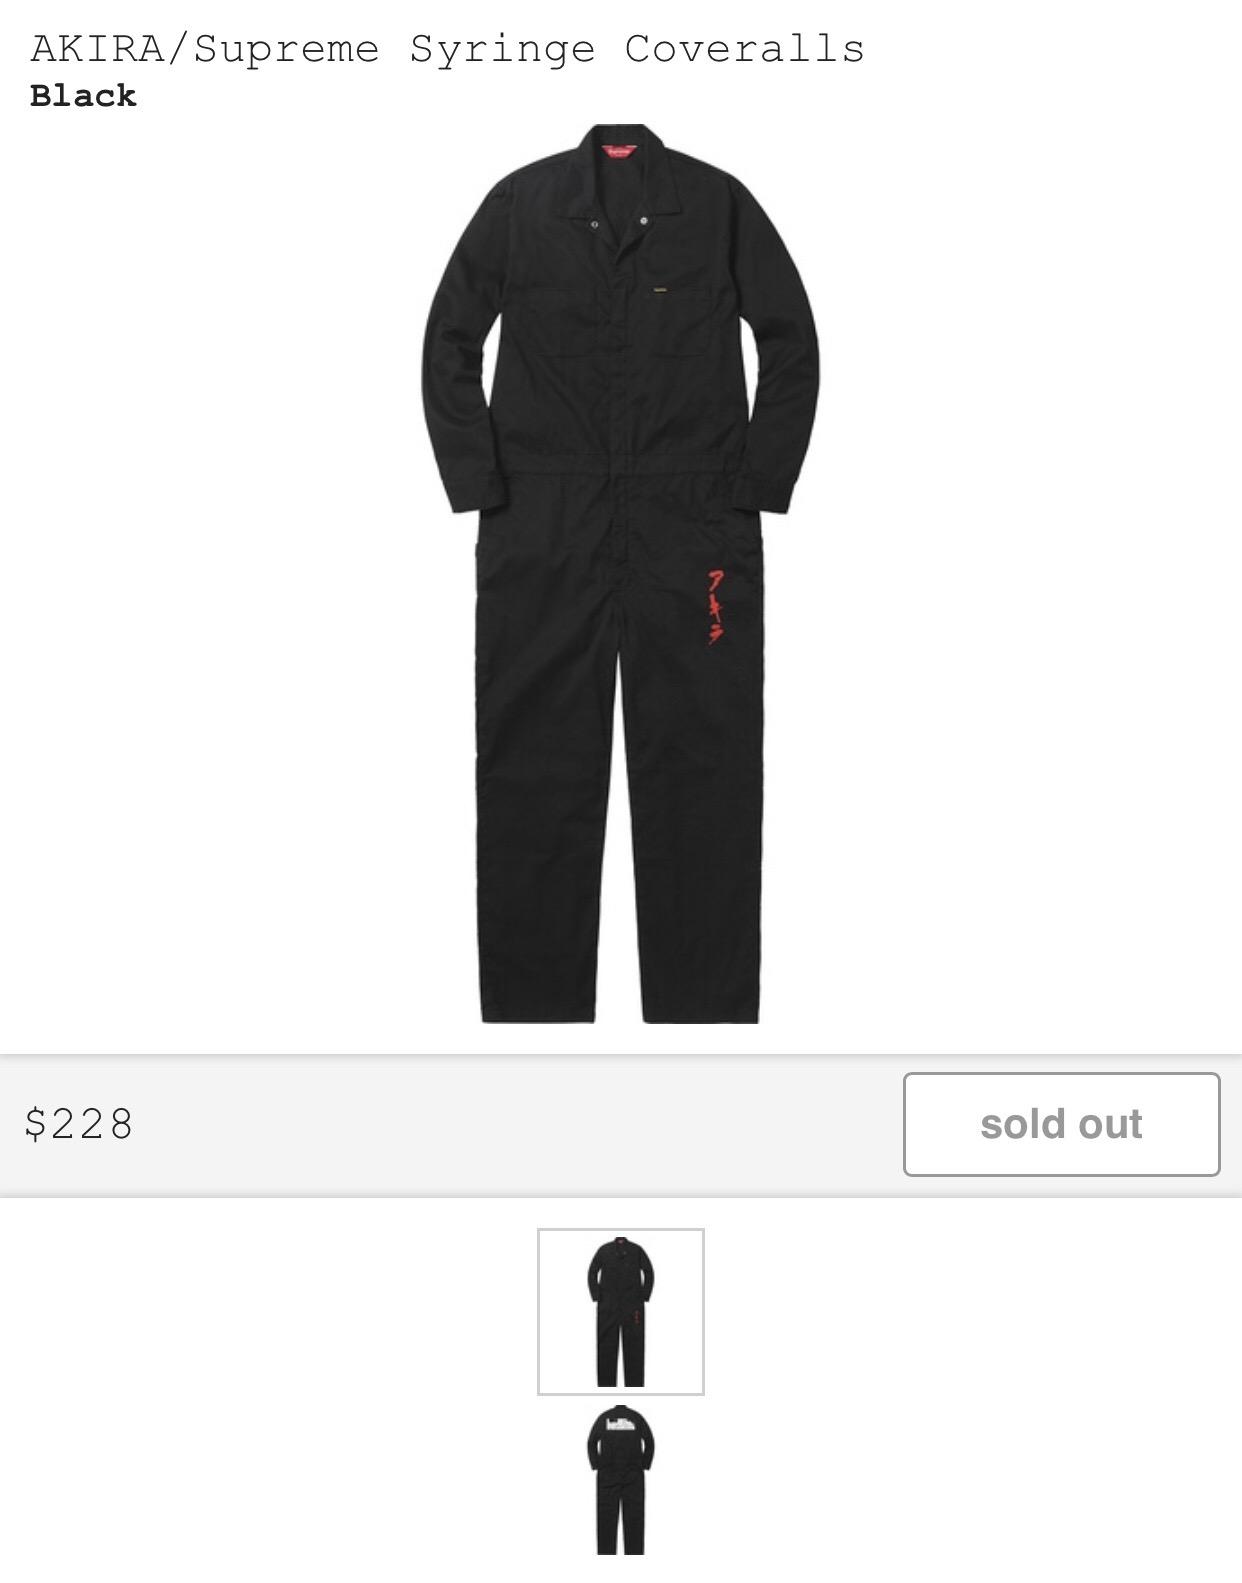 83e36832bc94 Supreme AKIRA  Supreme Syringe Coveralls Size 30 - Overalls   Jumpsuits for  Sale - Grailed